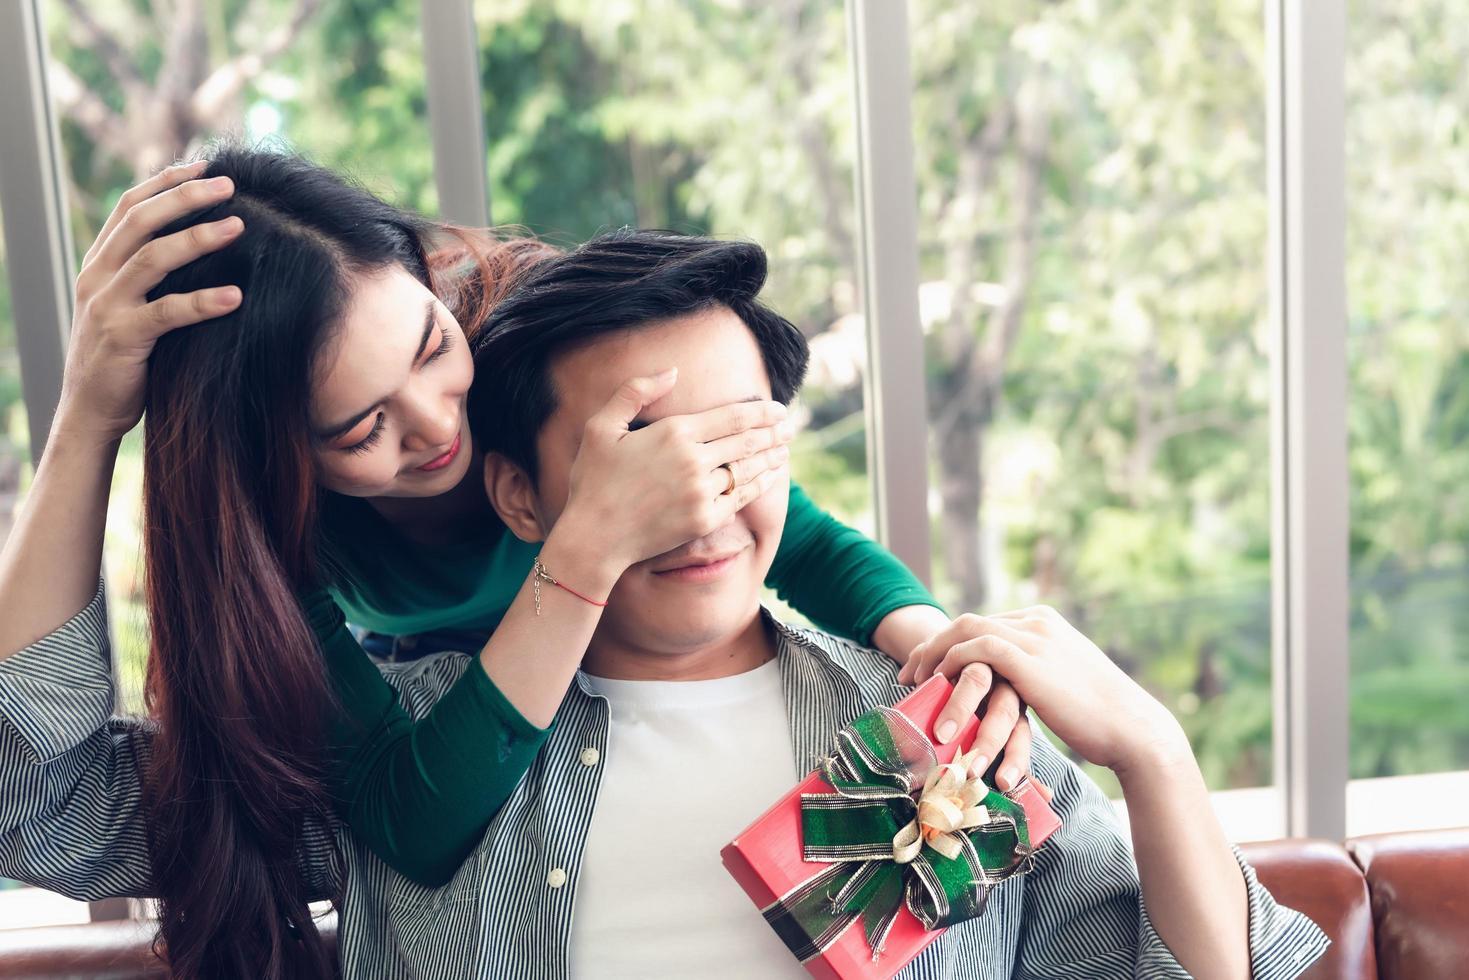 la donna sorprende il ragazzo con il regalo per il giorno di San Valentino foto